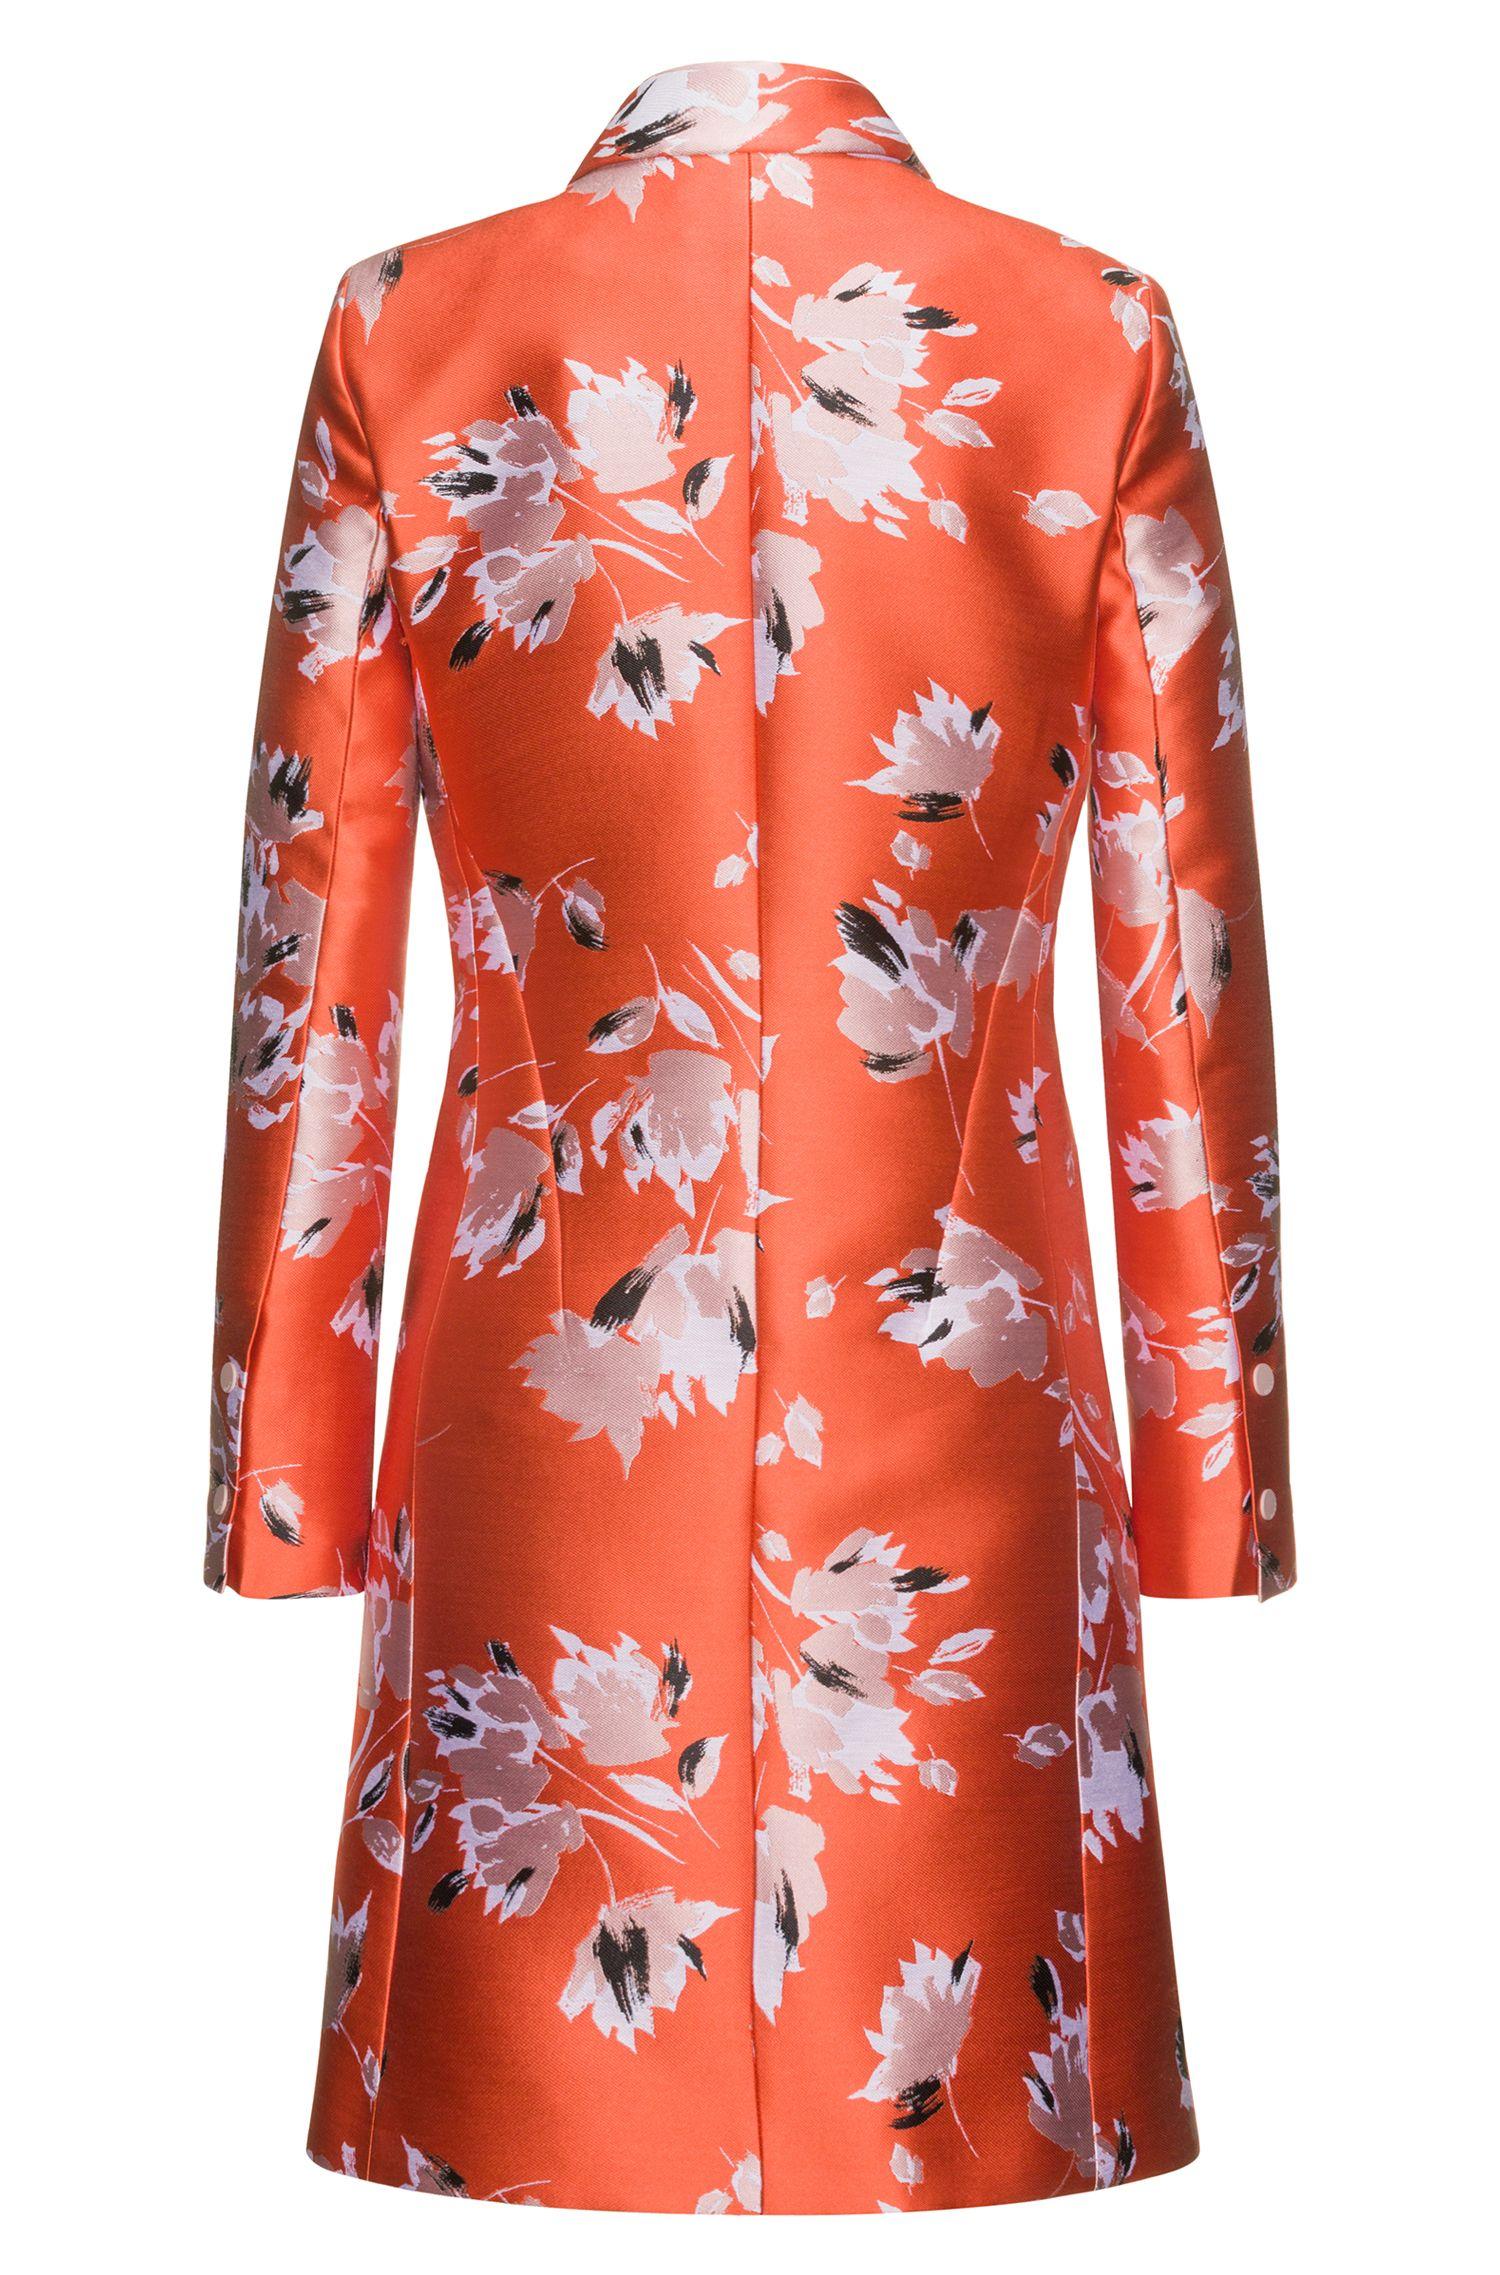 Mantel aus Jacquard mit abstraktem Blumen-Print